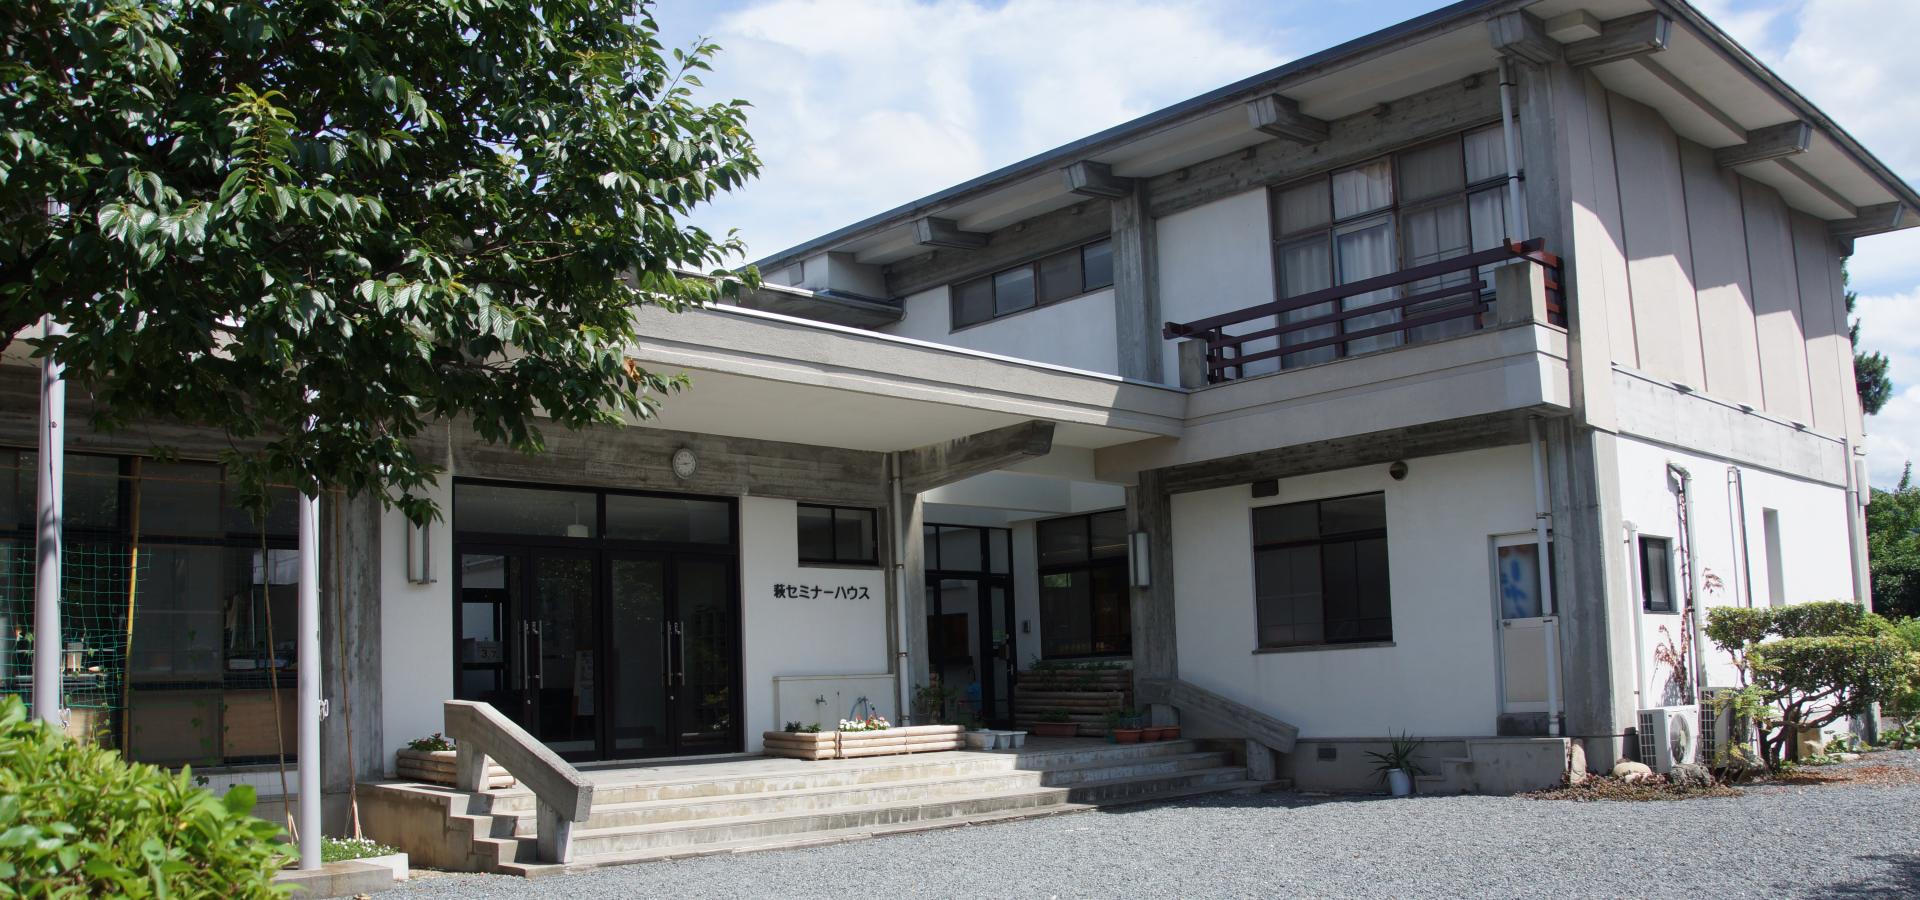 萩セミナーハウスの外観